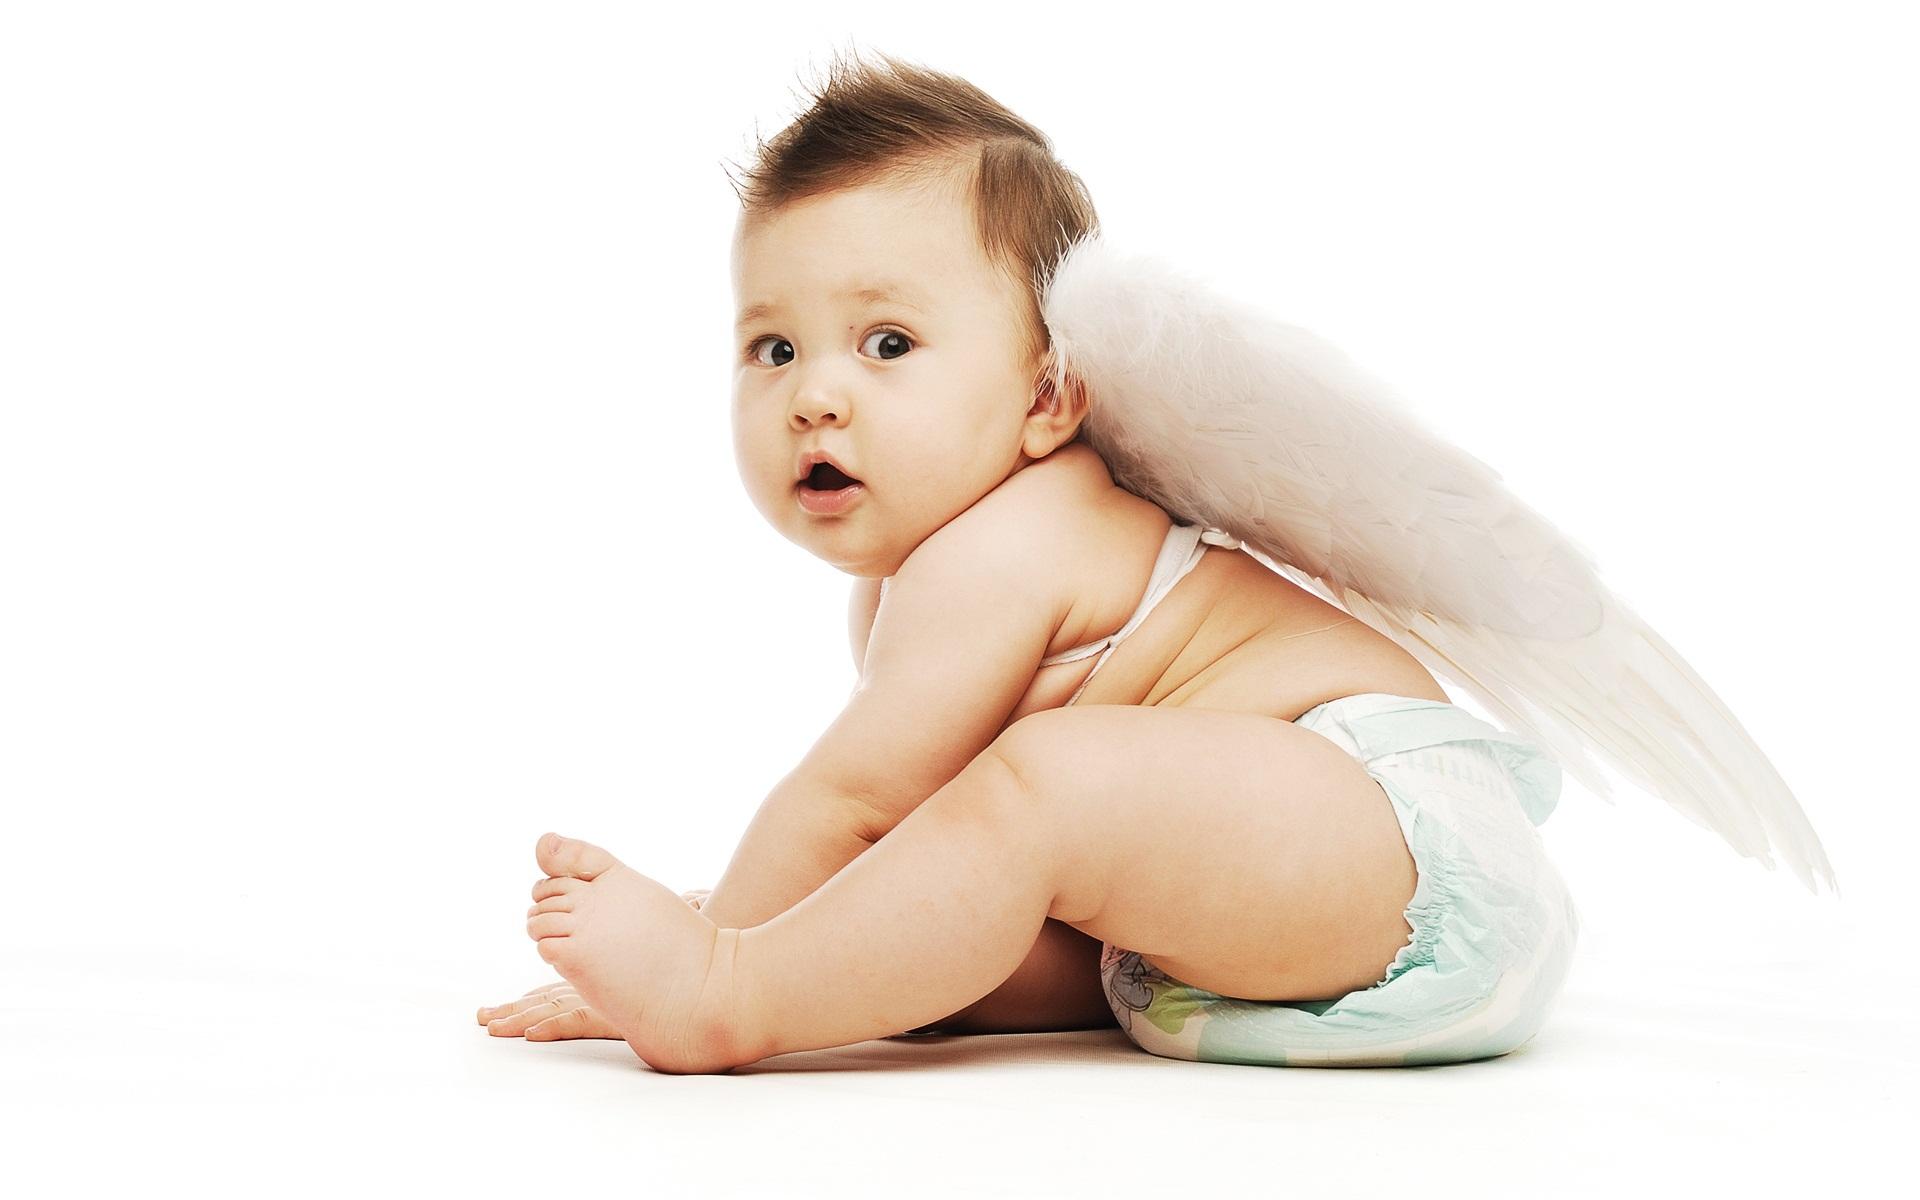 100 cute baby wallpapers wallpapersafari for Fond ecran fee